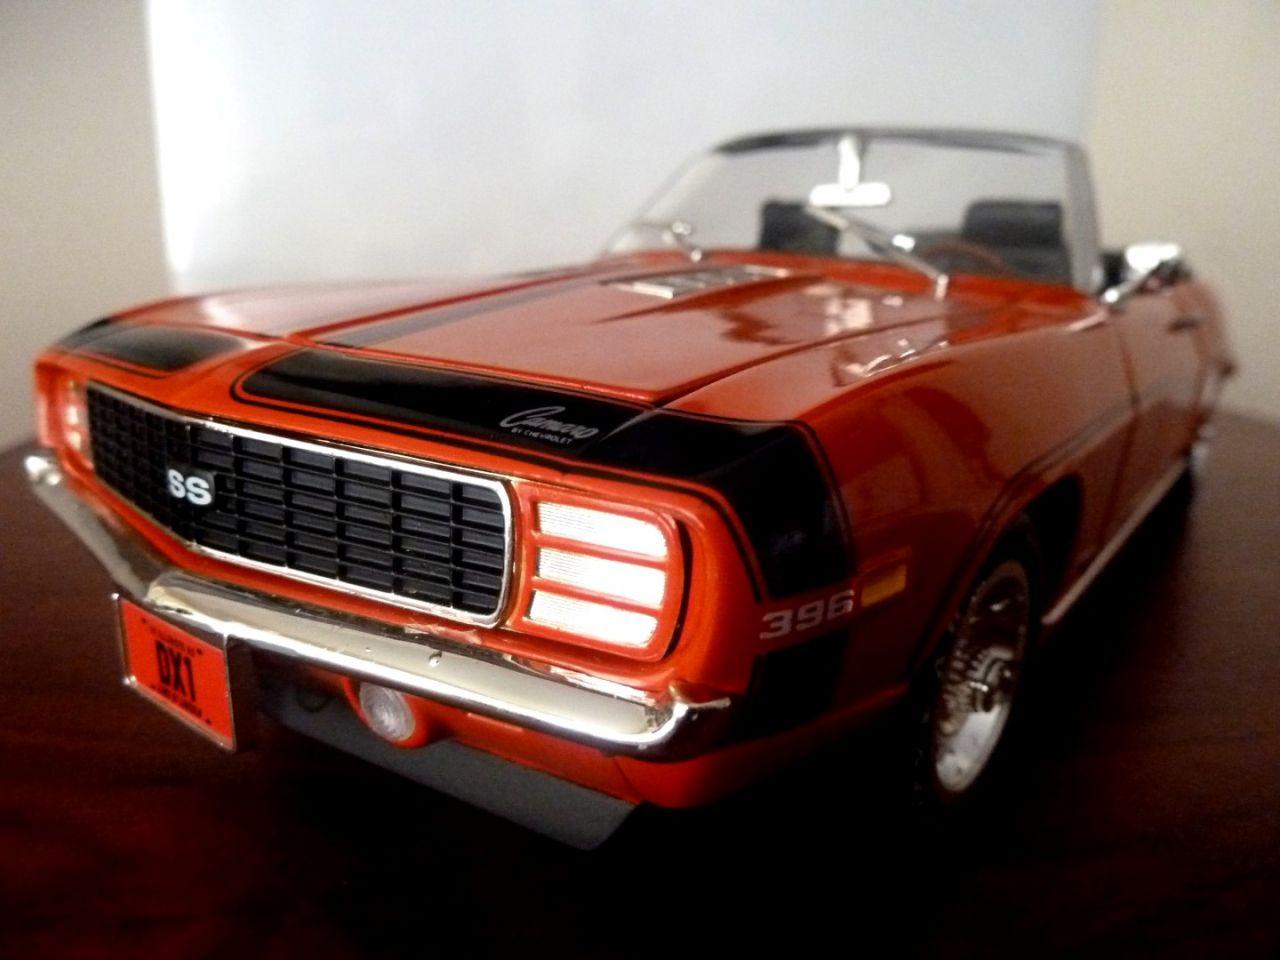 Camaro Ss 1969 >> 1969 Chevrolet Camaro Ss 396 Diecast Metal Models Araba 1 18 Ertl